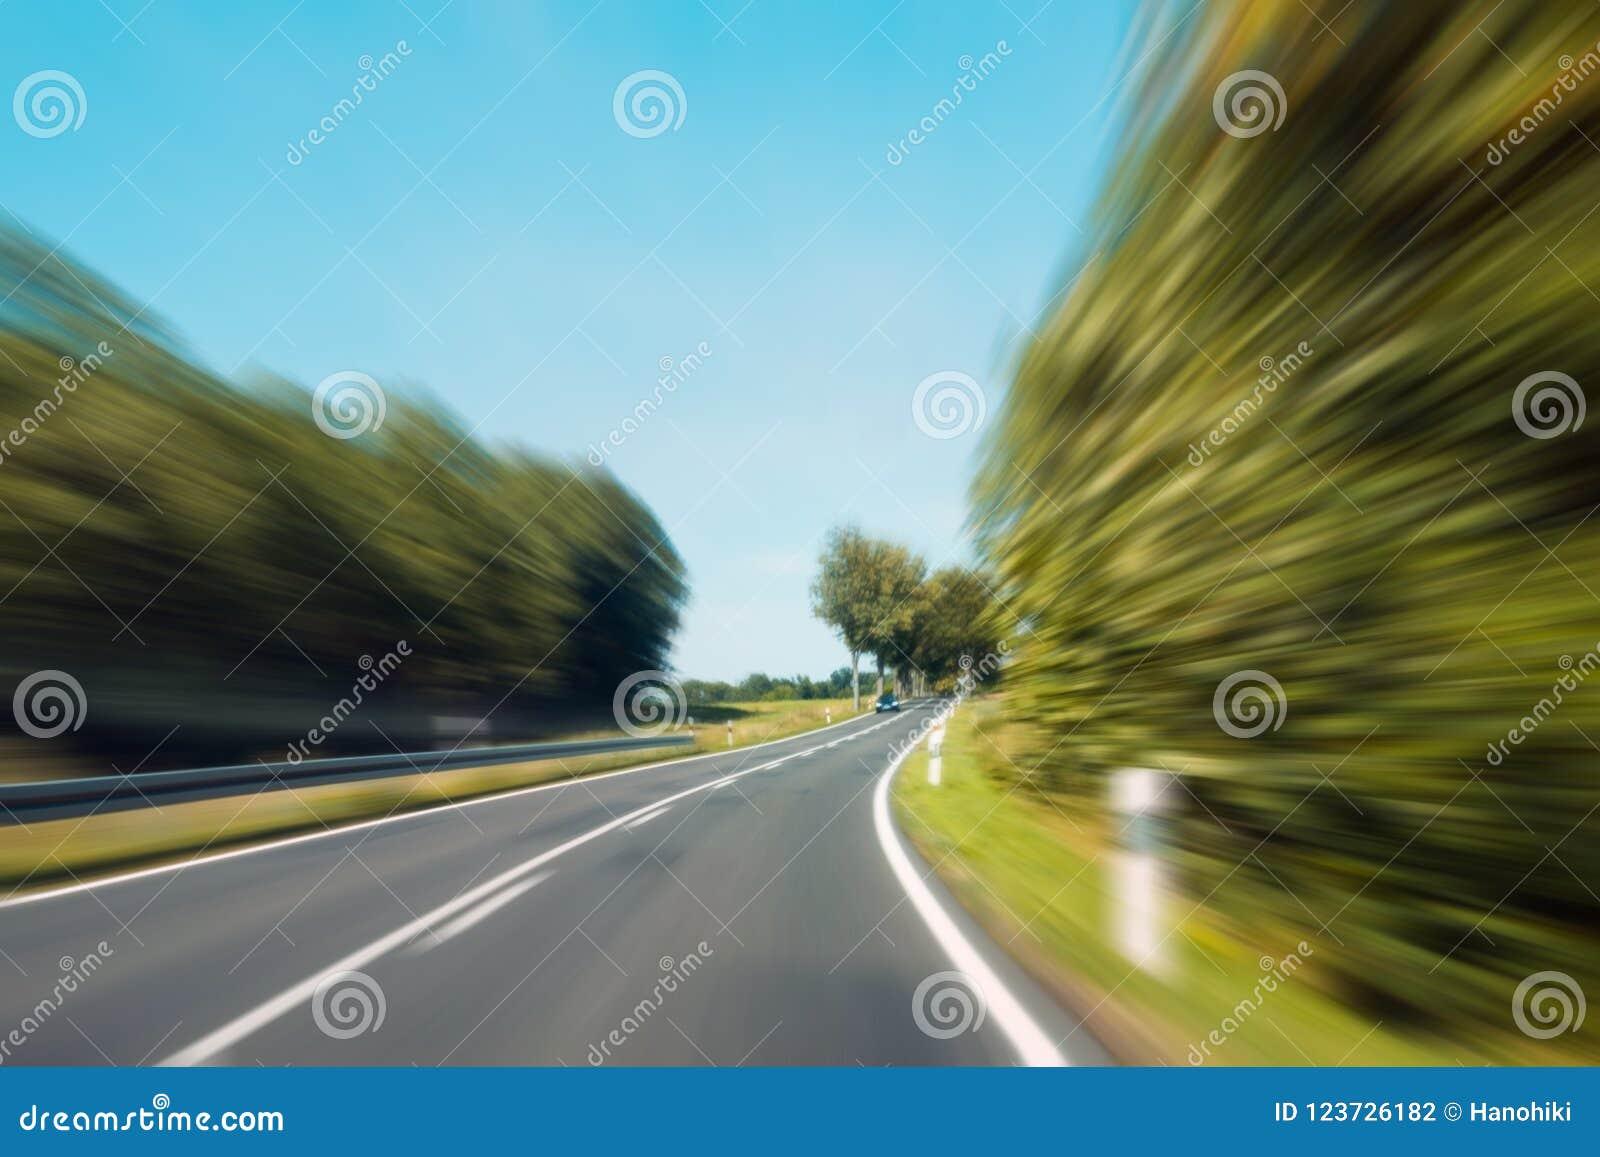 Definicion de movimiento rapido